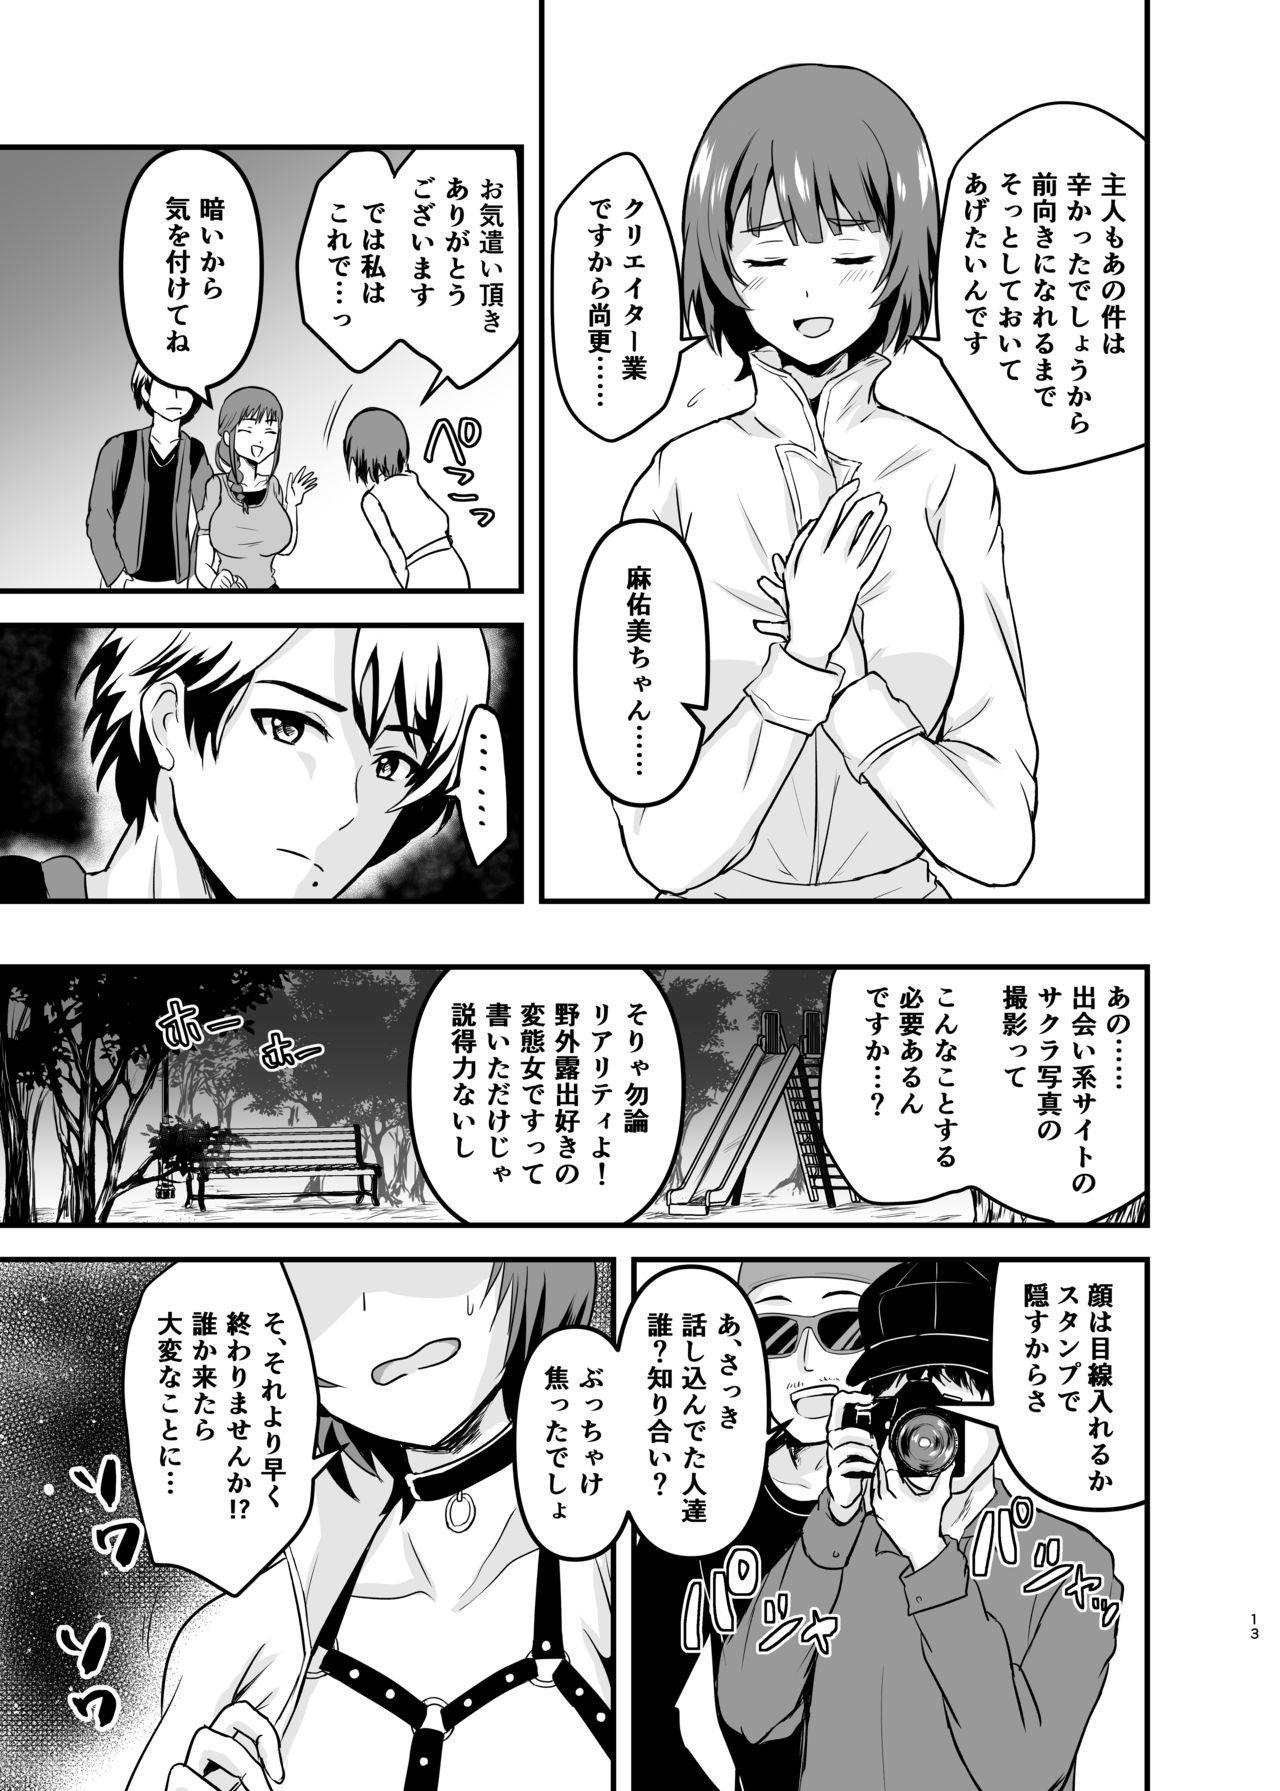 [Hanger Hansha (Yunokawa Yosomi)] Endou-san-chi no Oku-san (SHIROBAKO) [Digital] 12